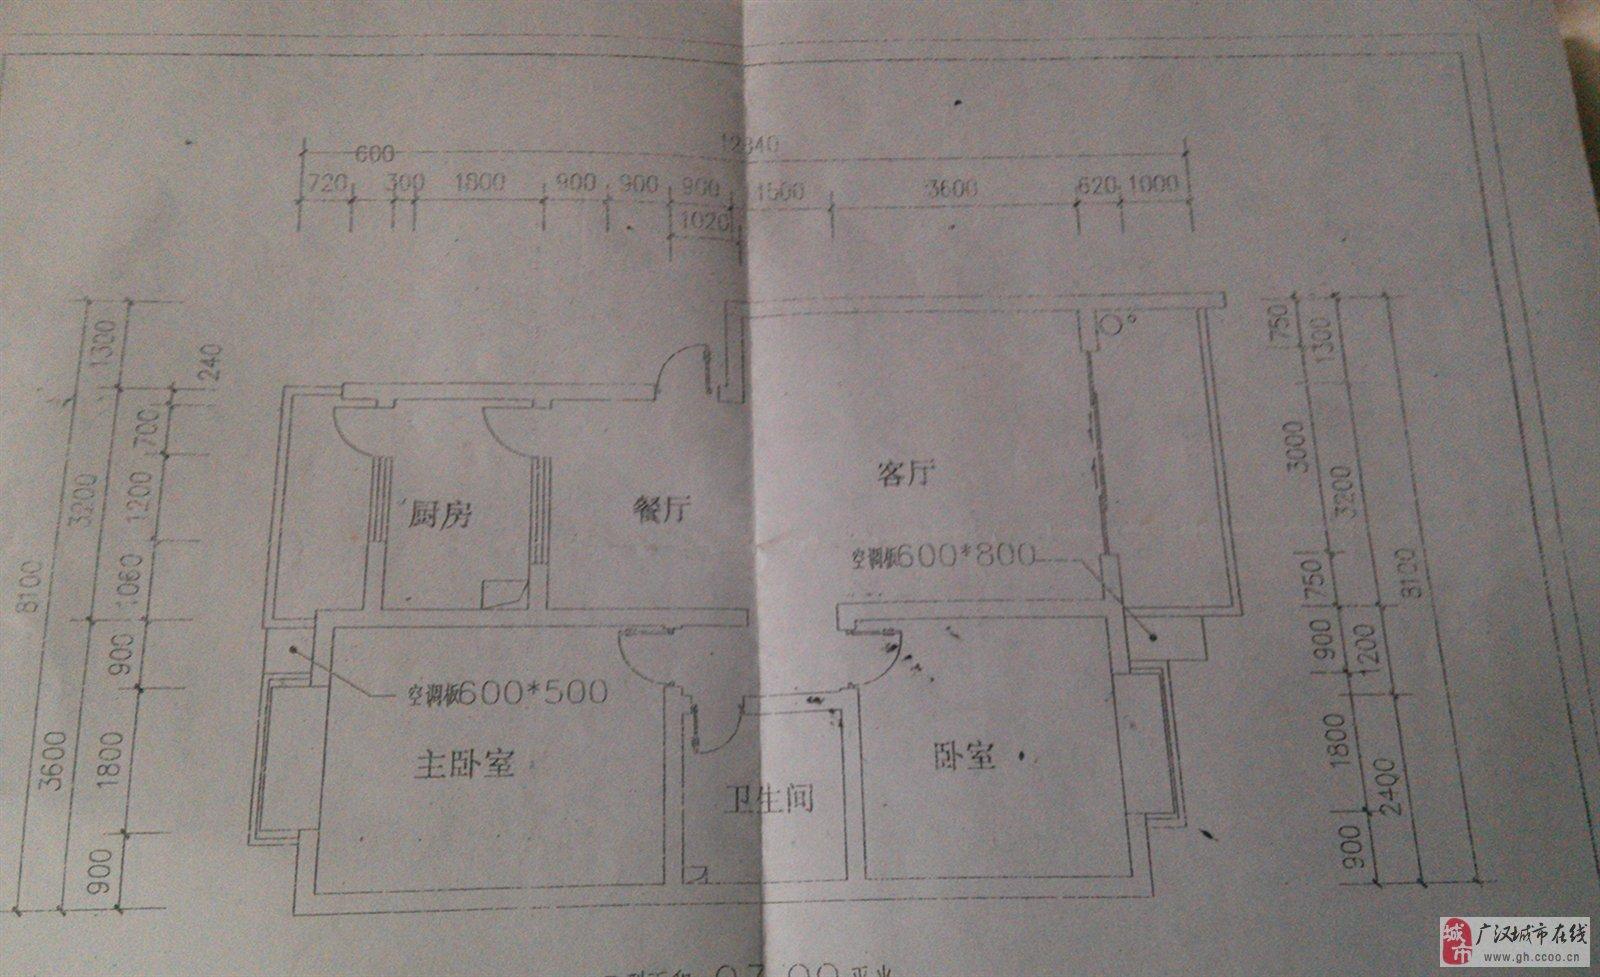 广汉路顺德东苑2室2厅1卫精装出售-顺德小学在作品水粉画城市图片